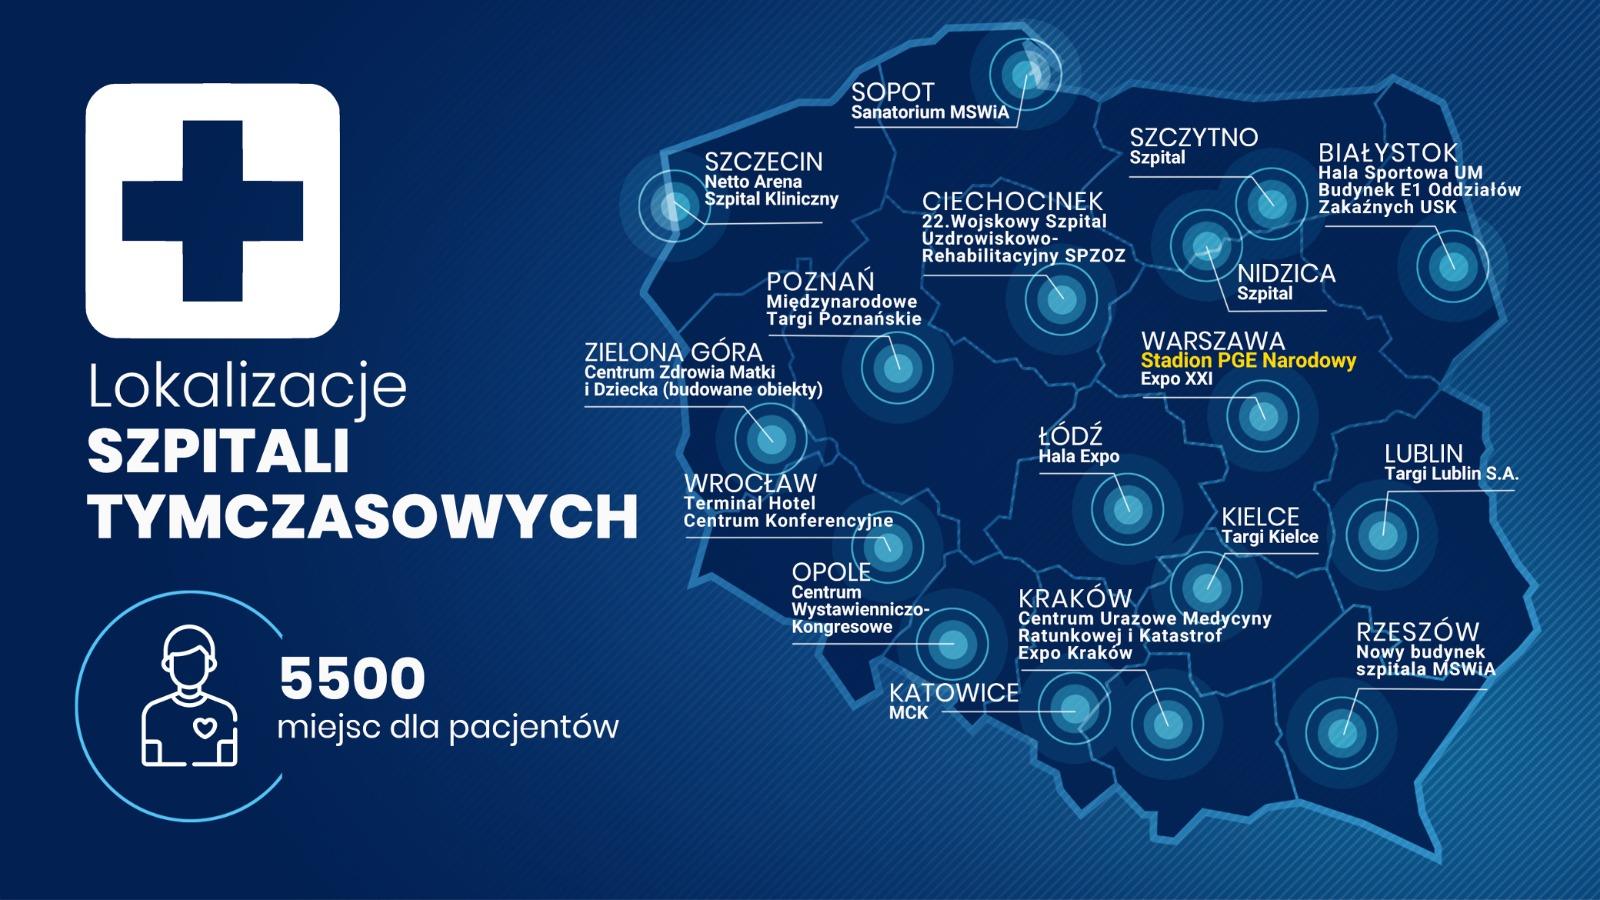 Mapa szpitali tymczasowych (Wrocław: Terminal Hotel Centrum Konferencyjne)